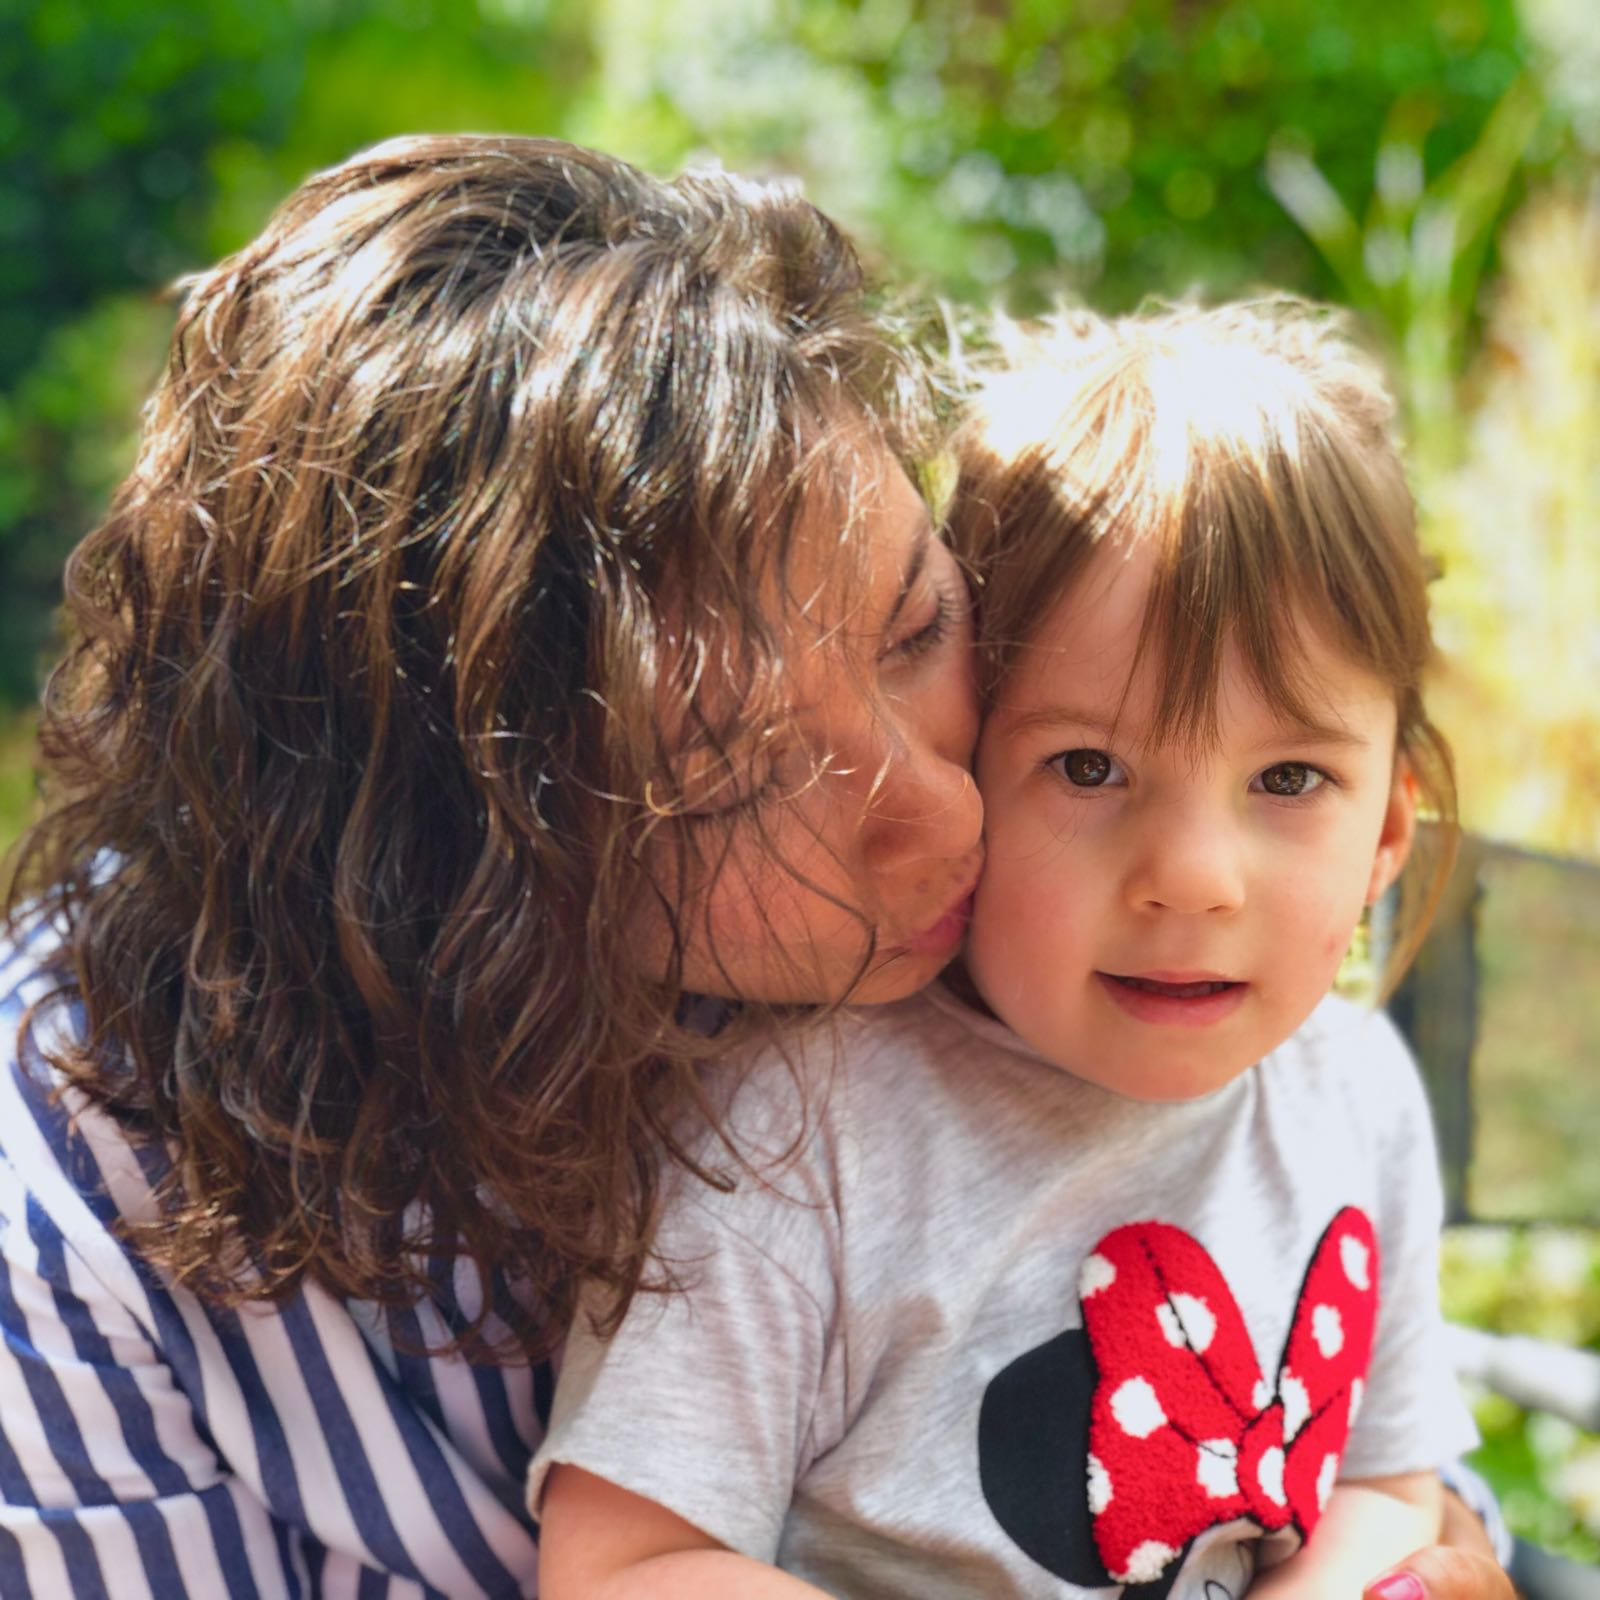 image1 kopie Miriams dochter (3) heeft PWS: 'We gaan alles doen om haar een zo'n mooi mogelijk leven te geven'